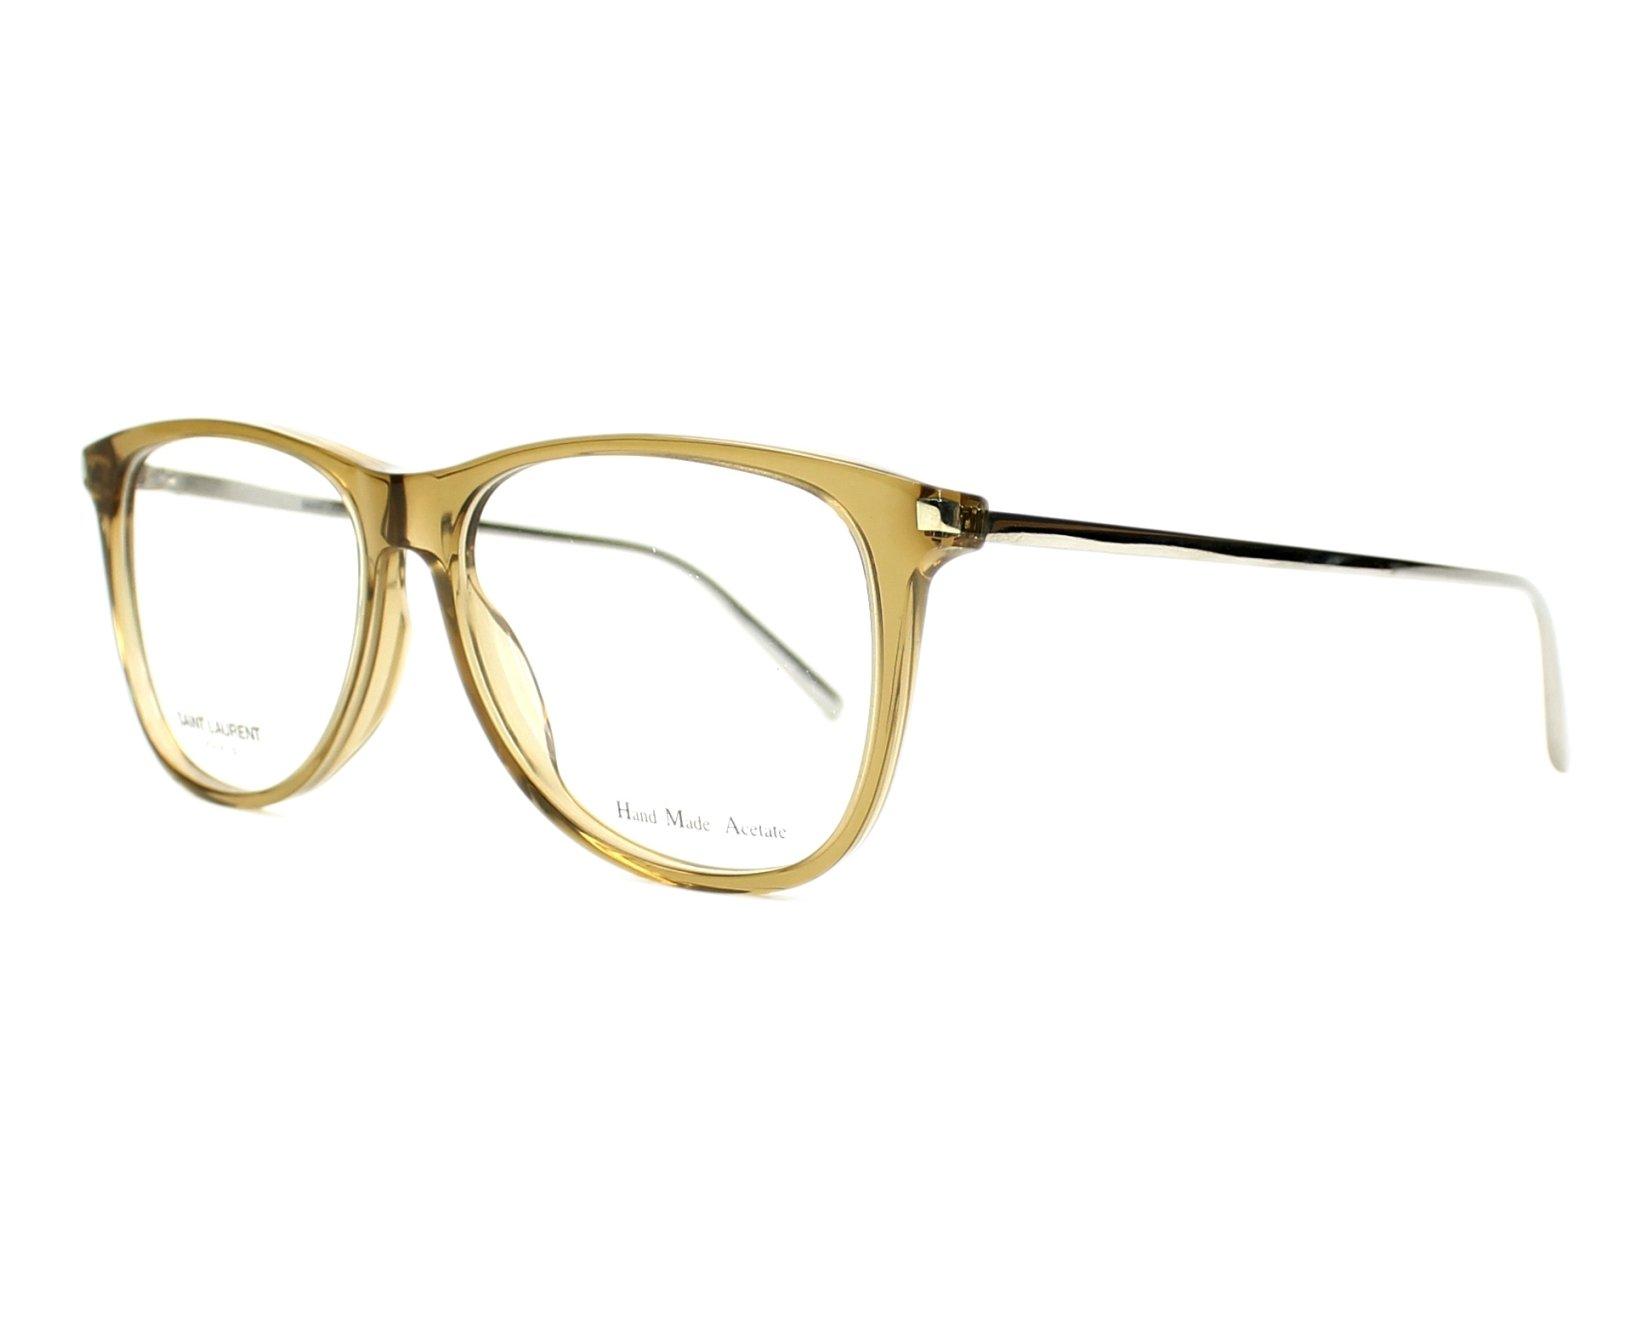 Yves saint laurent eyeglasses sl 79 bhx beige visionet usa for Miroir yves saint laurent